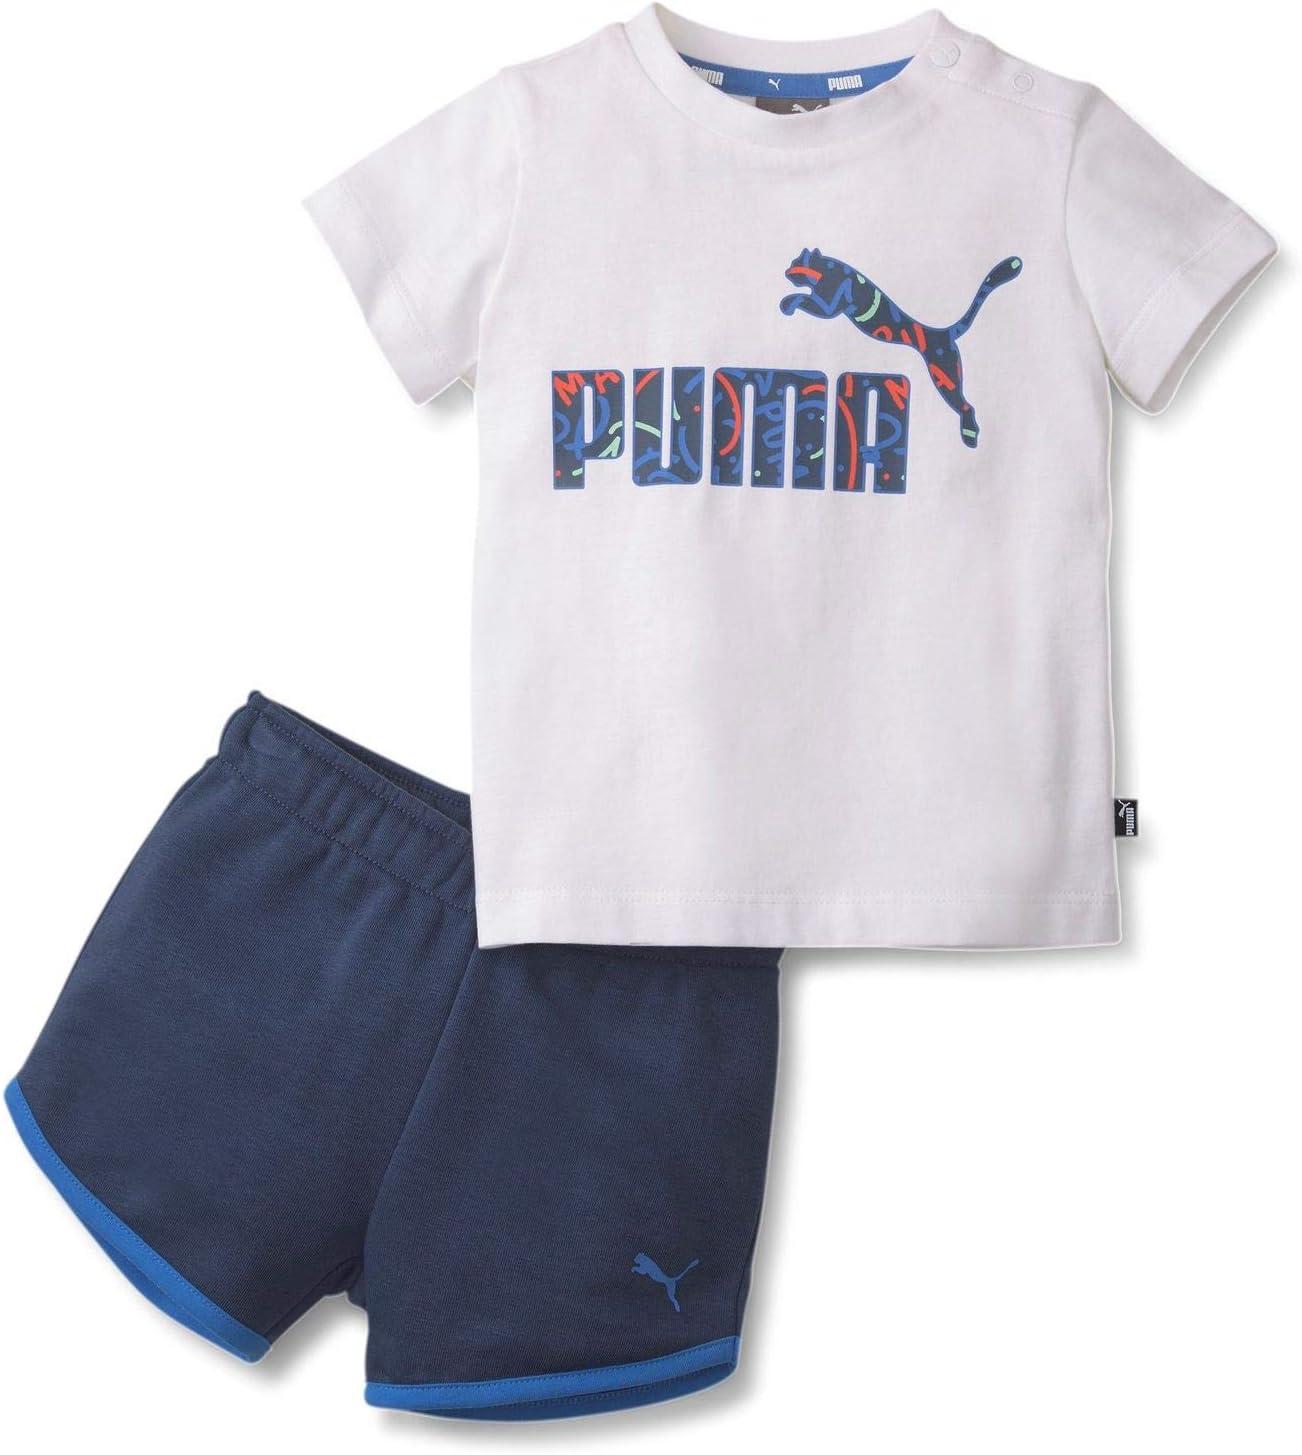 Puma Minicats Alpha Set Chándal, Unisex niños, White, 74: Amazon ...